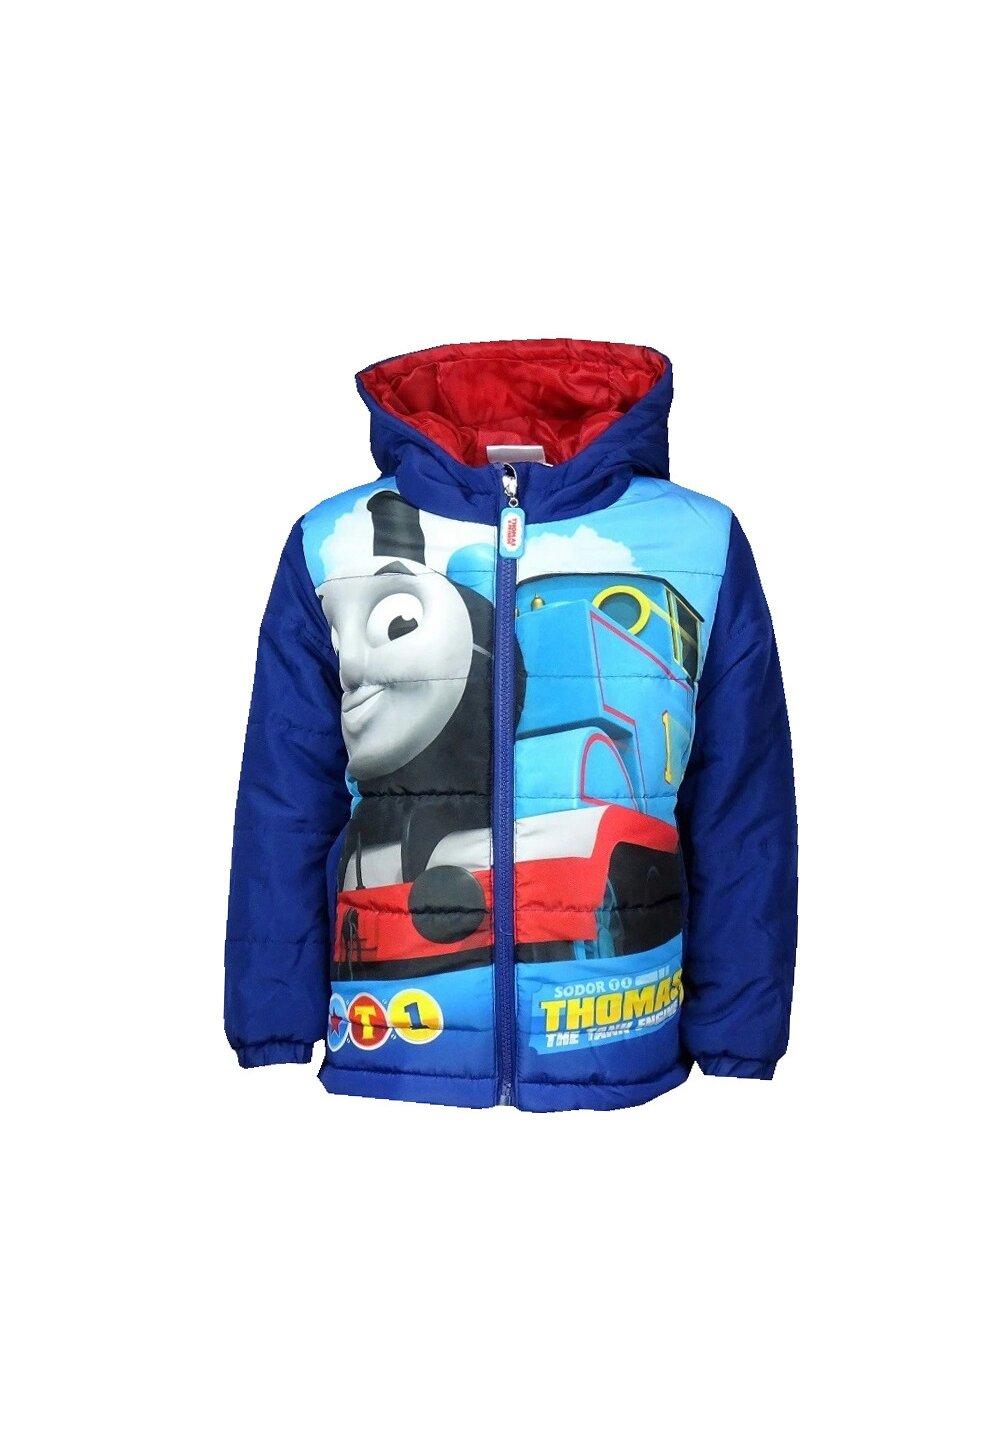 Geaca poliester de iarna, Thomas, albastra